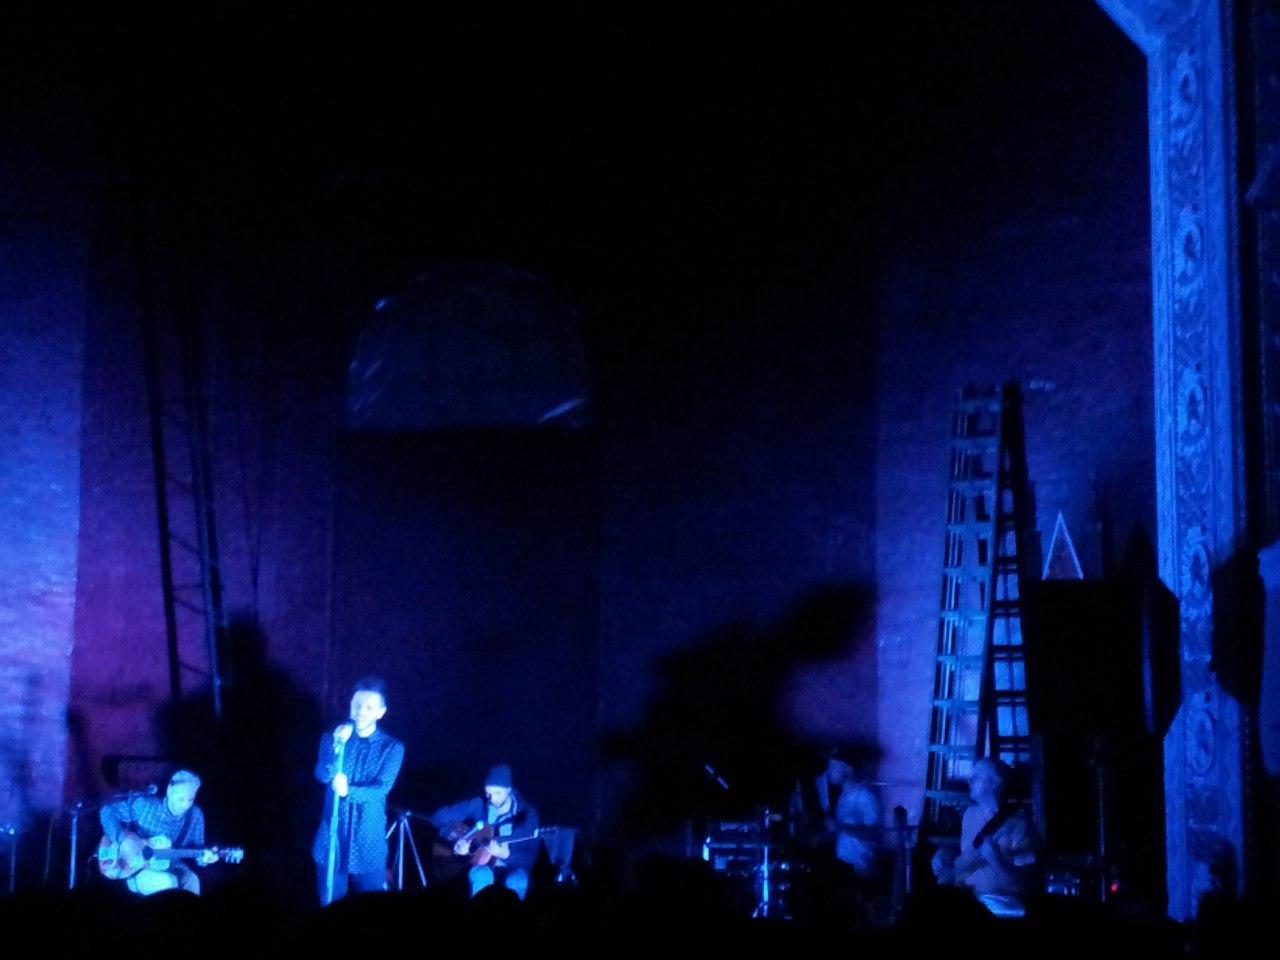 Концерт SUNSAY в малой опере Киева